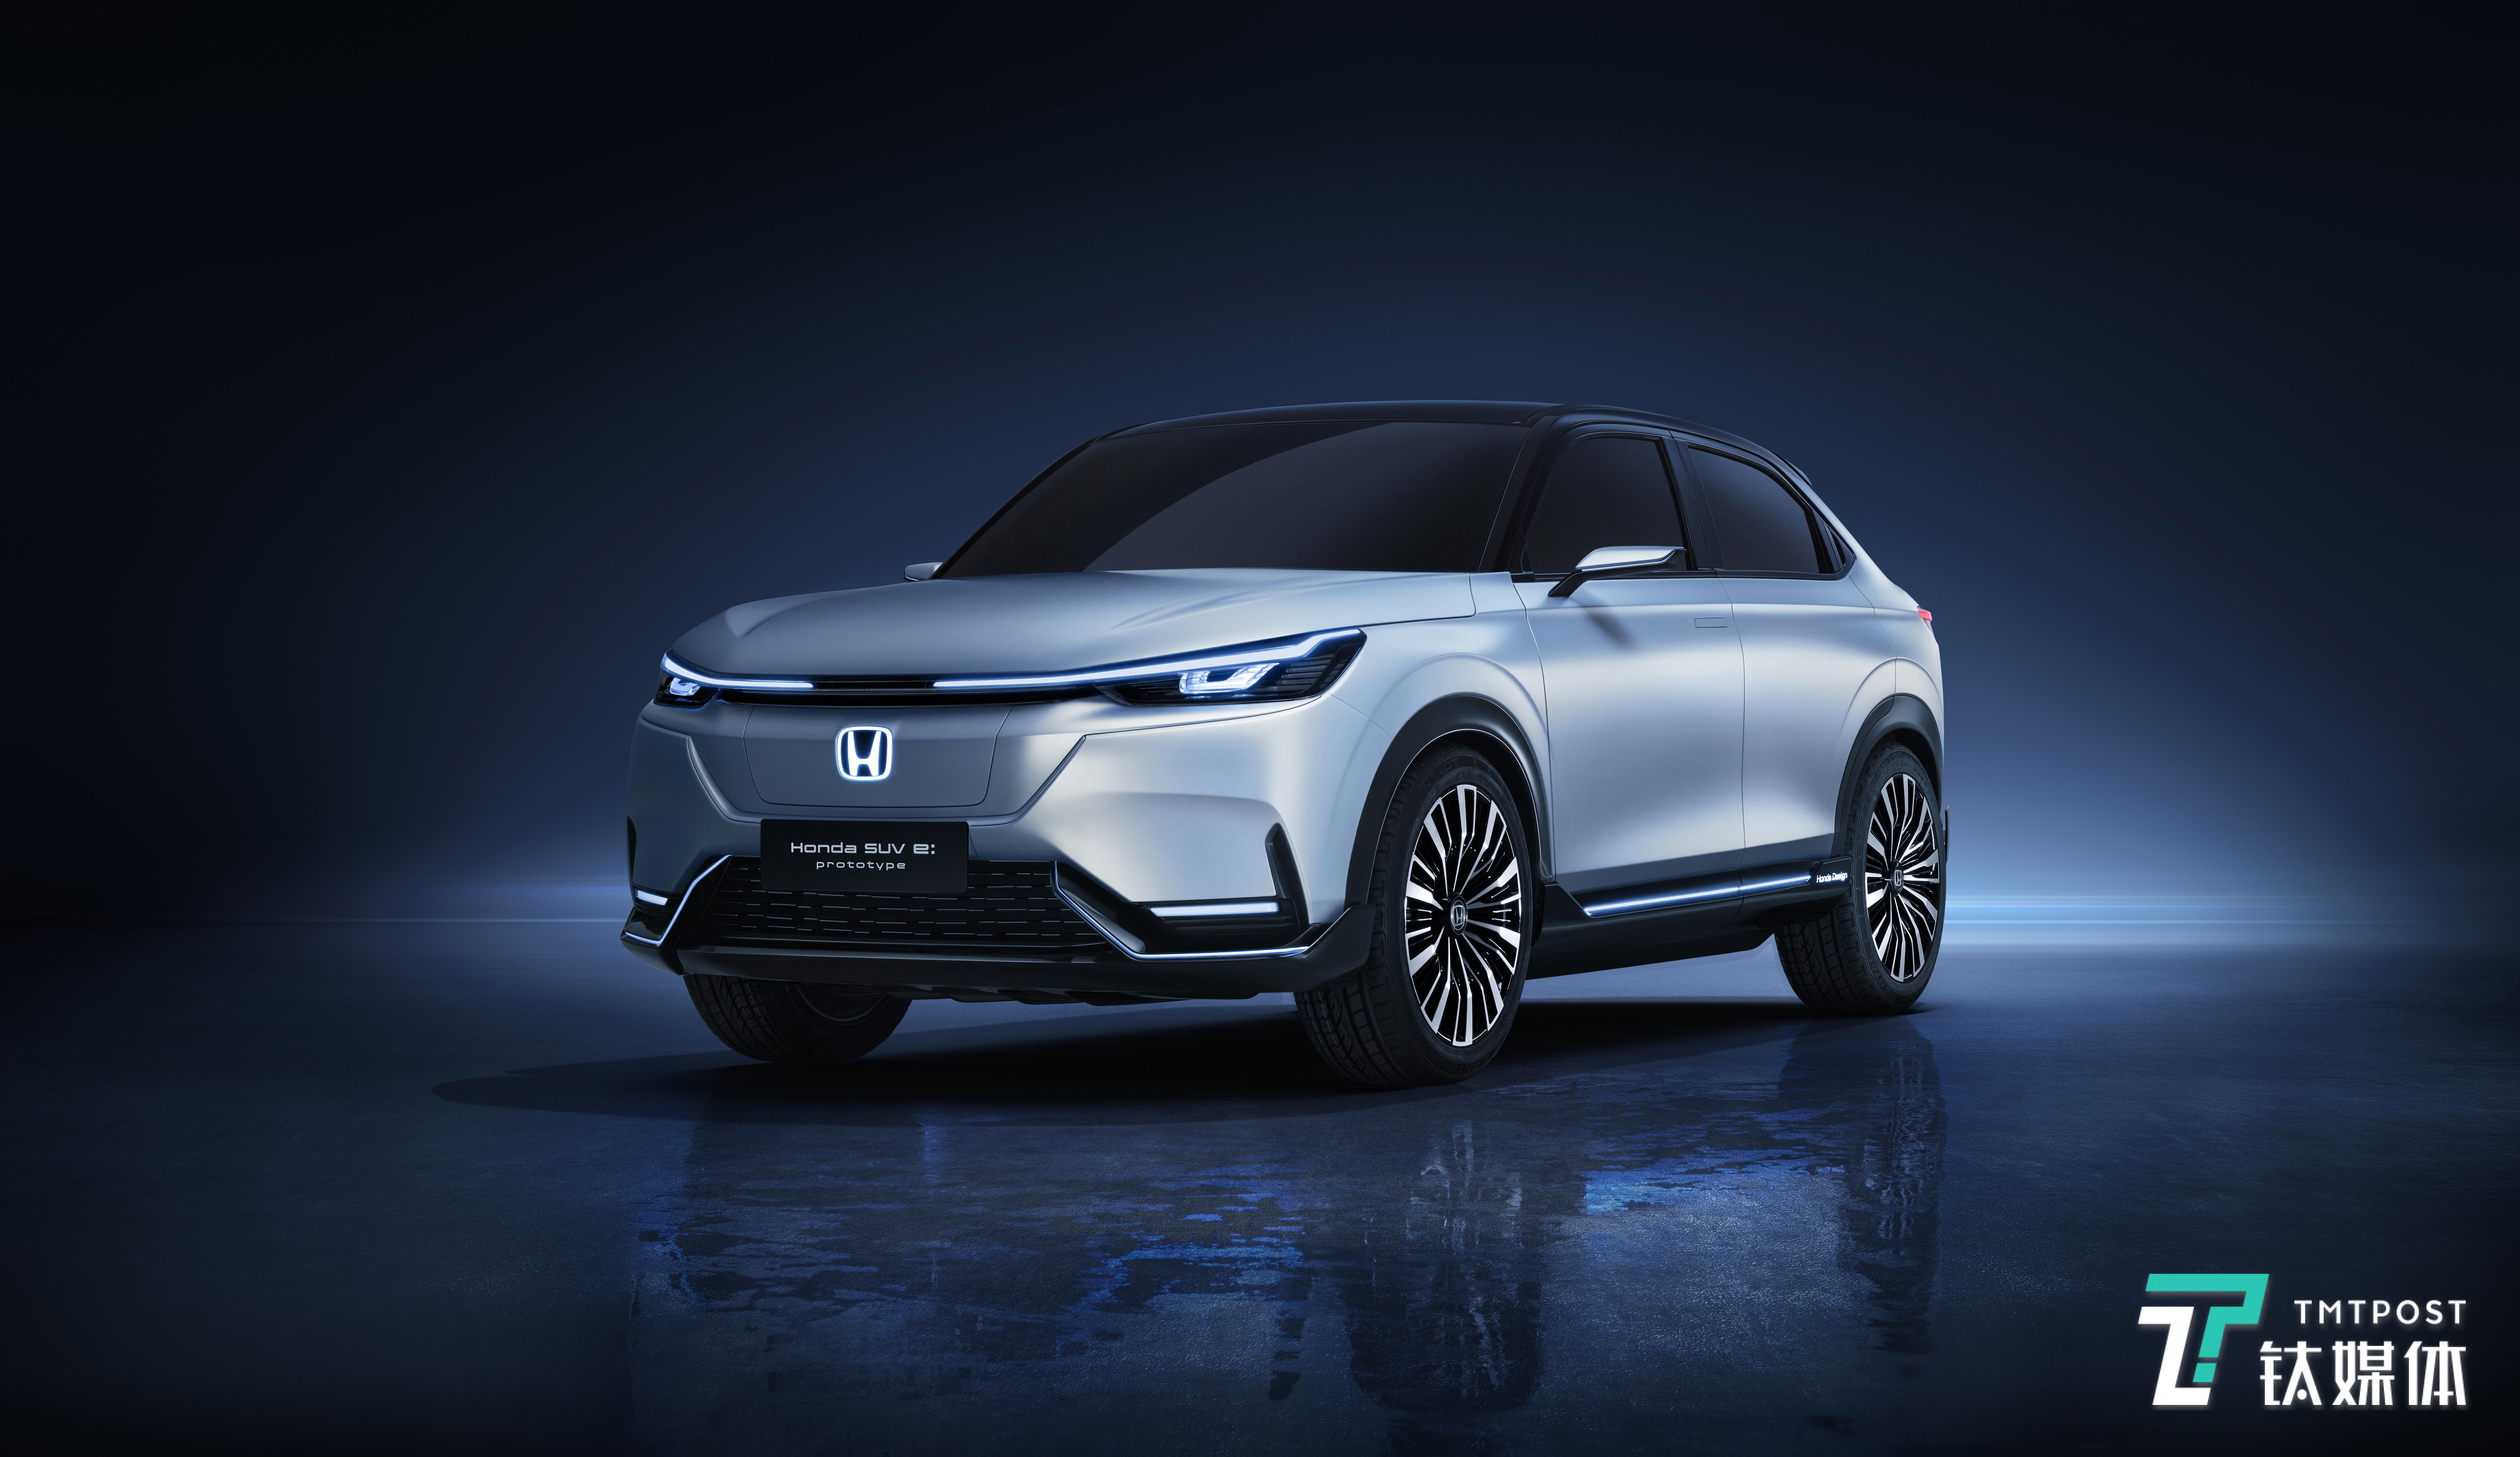 Honda在上海车展亮相多款车型,展示智能化探索成果丨一线车讯